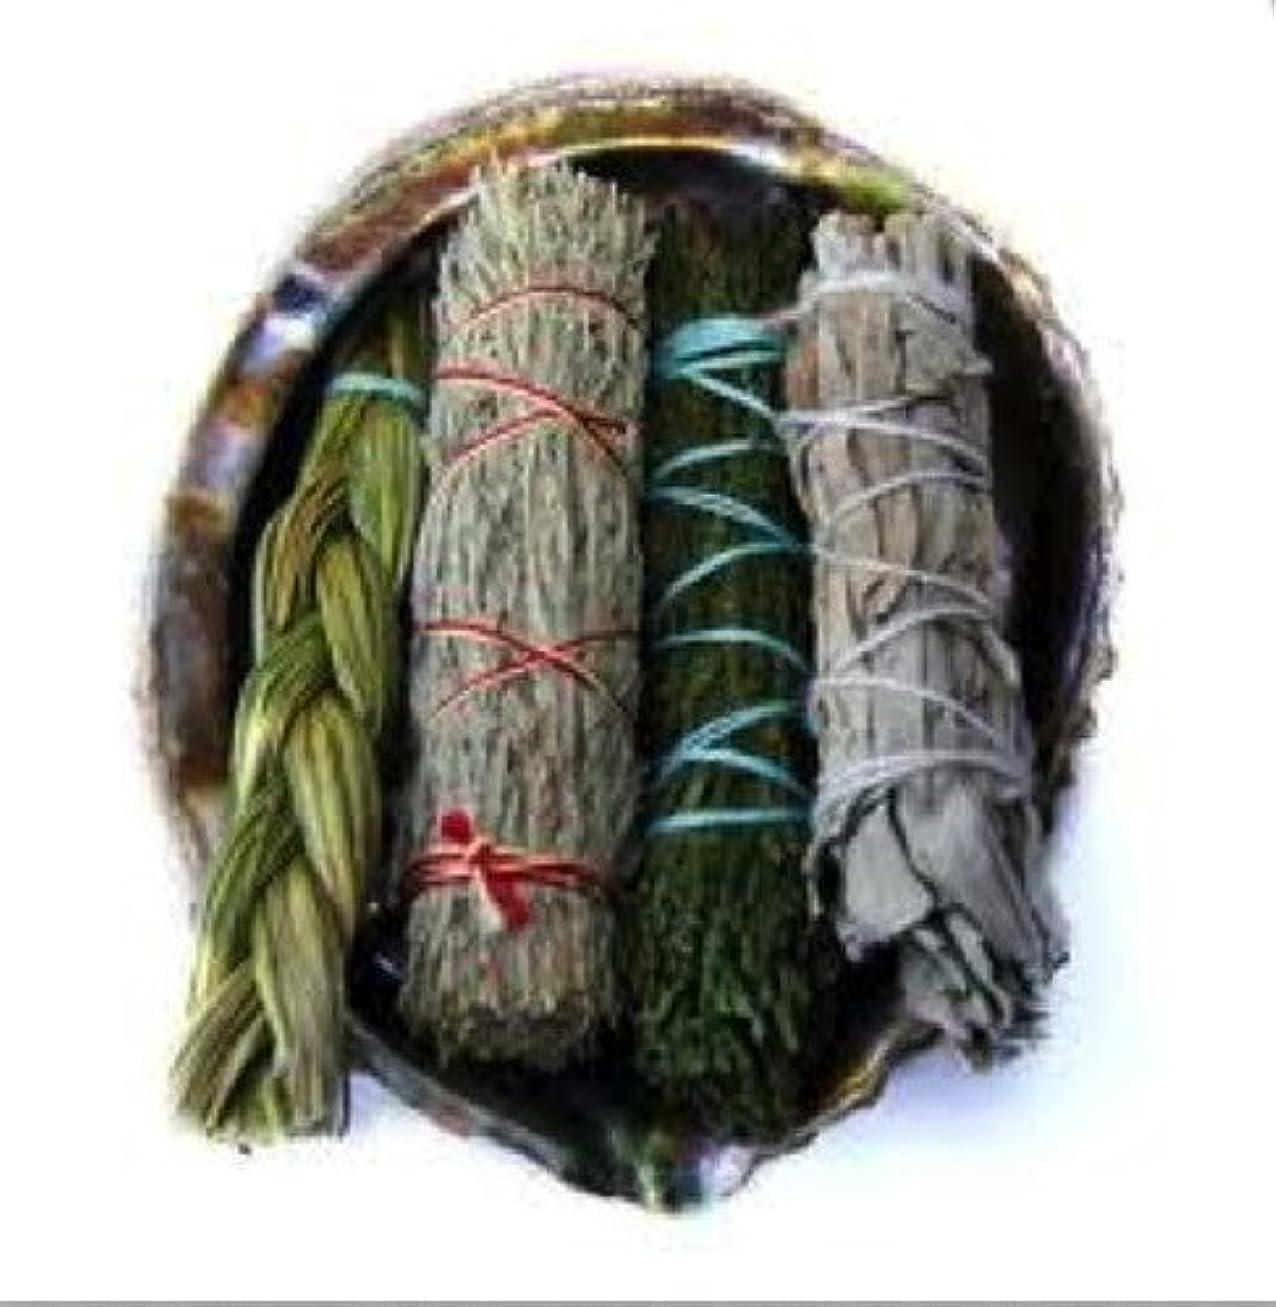 関数請負業者疑わしいOfferings SmudgeキットIncludes Large Abaloneシェル、Sweetgrass三つ編み、ホワイトセージ、砂漠セージ、CedarセージSticks Plus砂